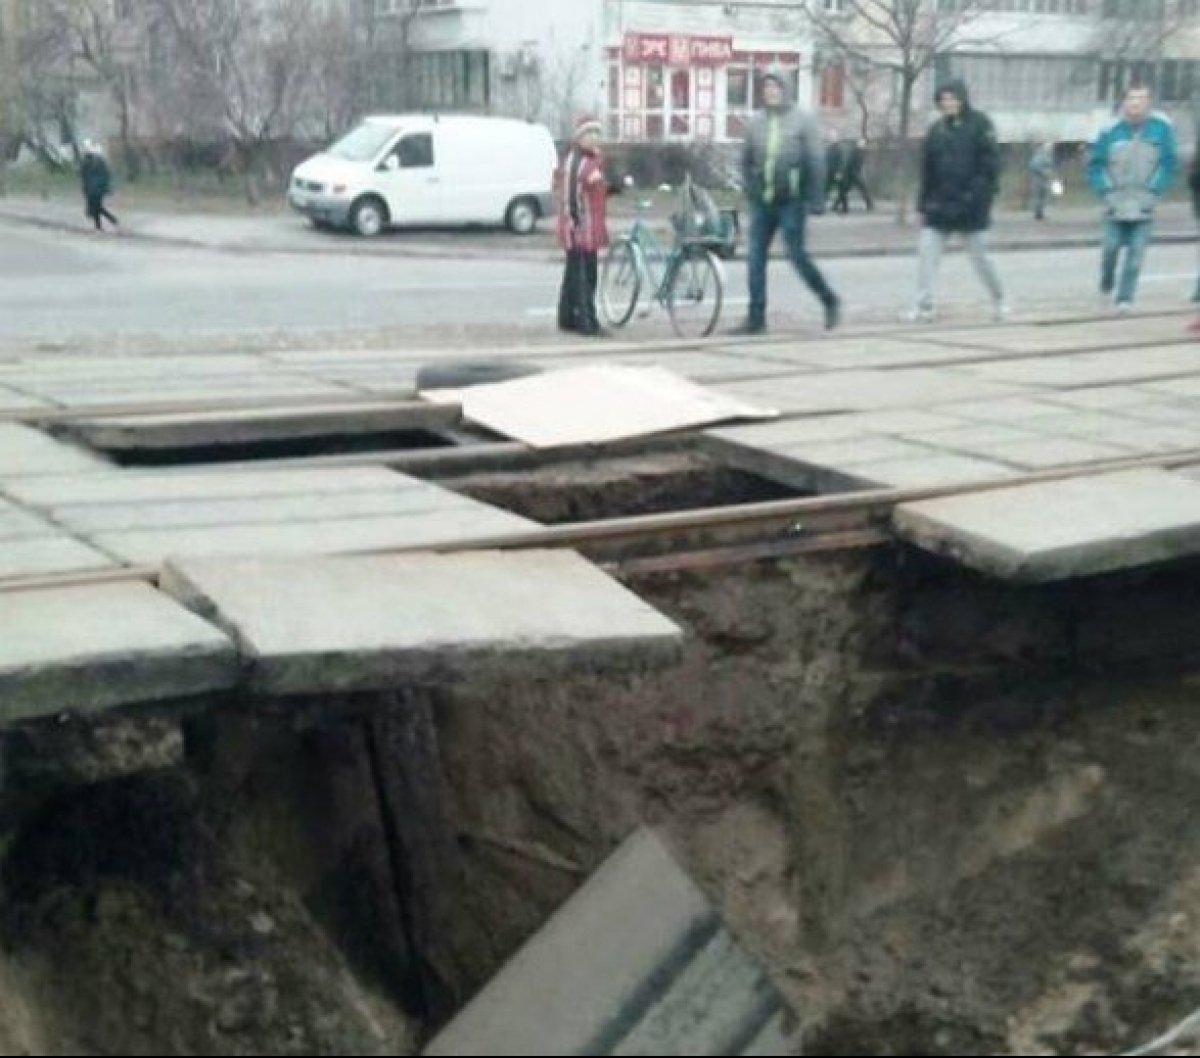 3 м завглибшки: У Києві під трамвайними рейками обвалилася земля